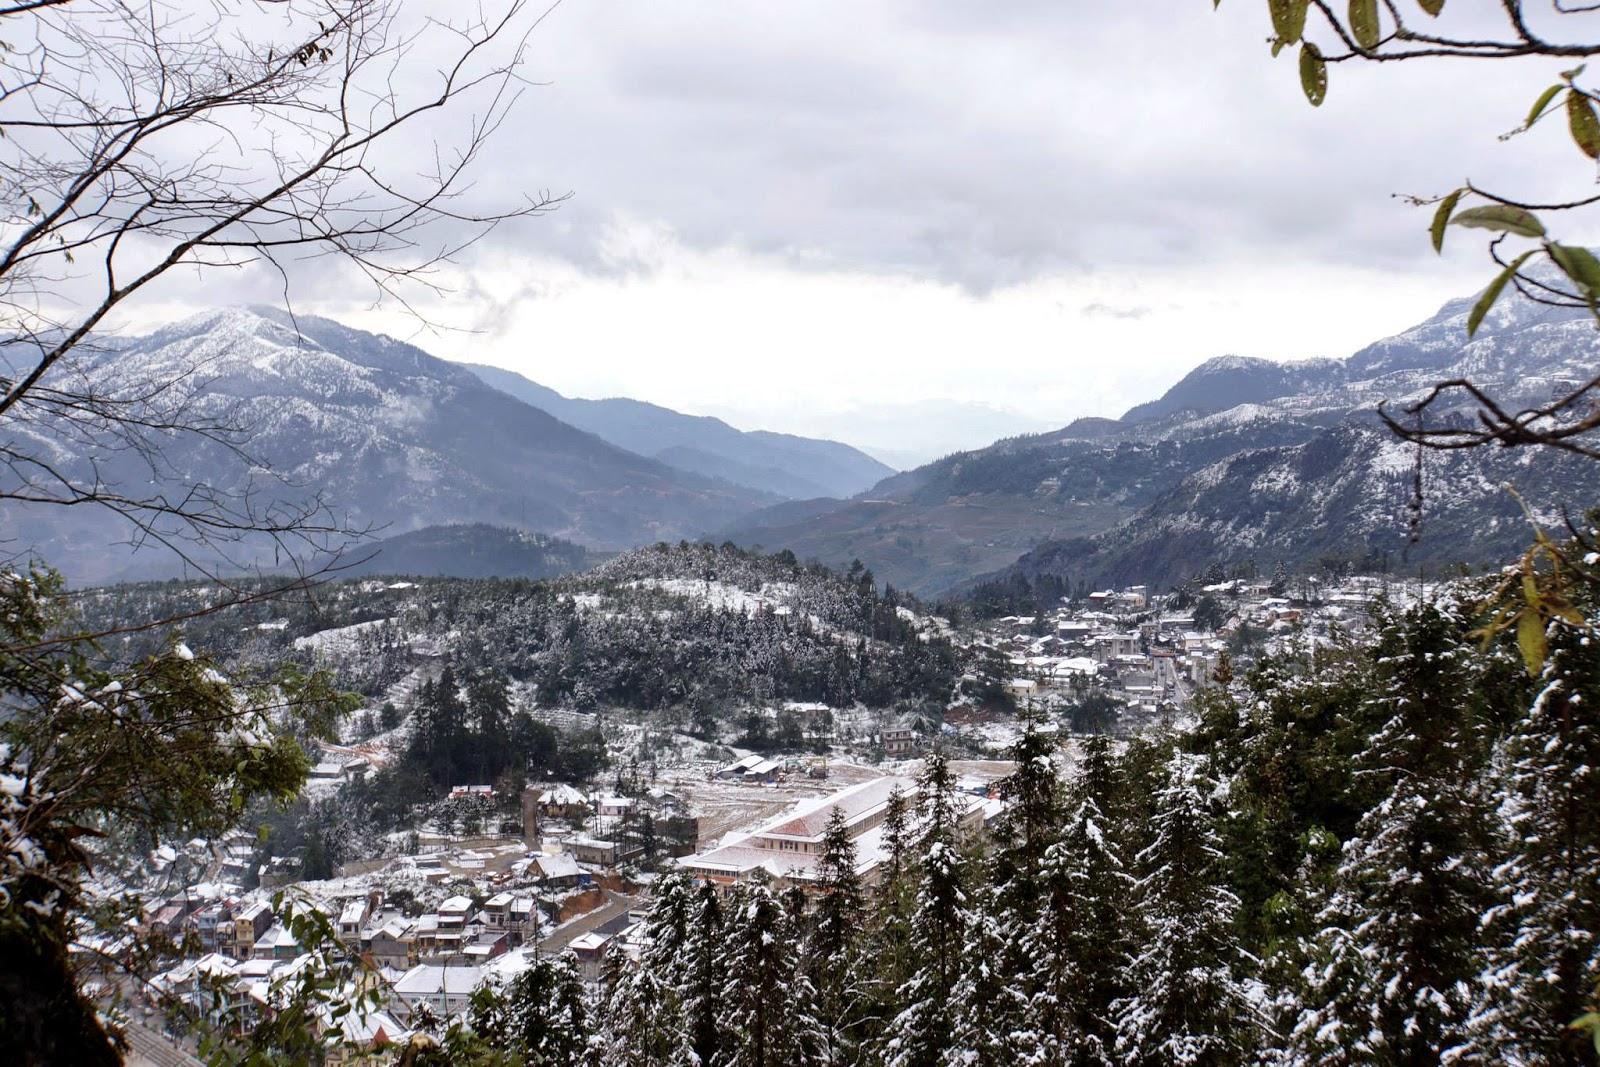 Mùa đông nơi đây có tuyết trắng bao phủ khắp nơi, hẳn là một điểm đến lãng mạn vào mùa đông